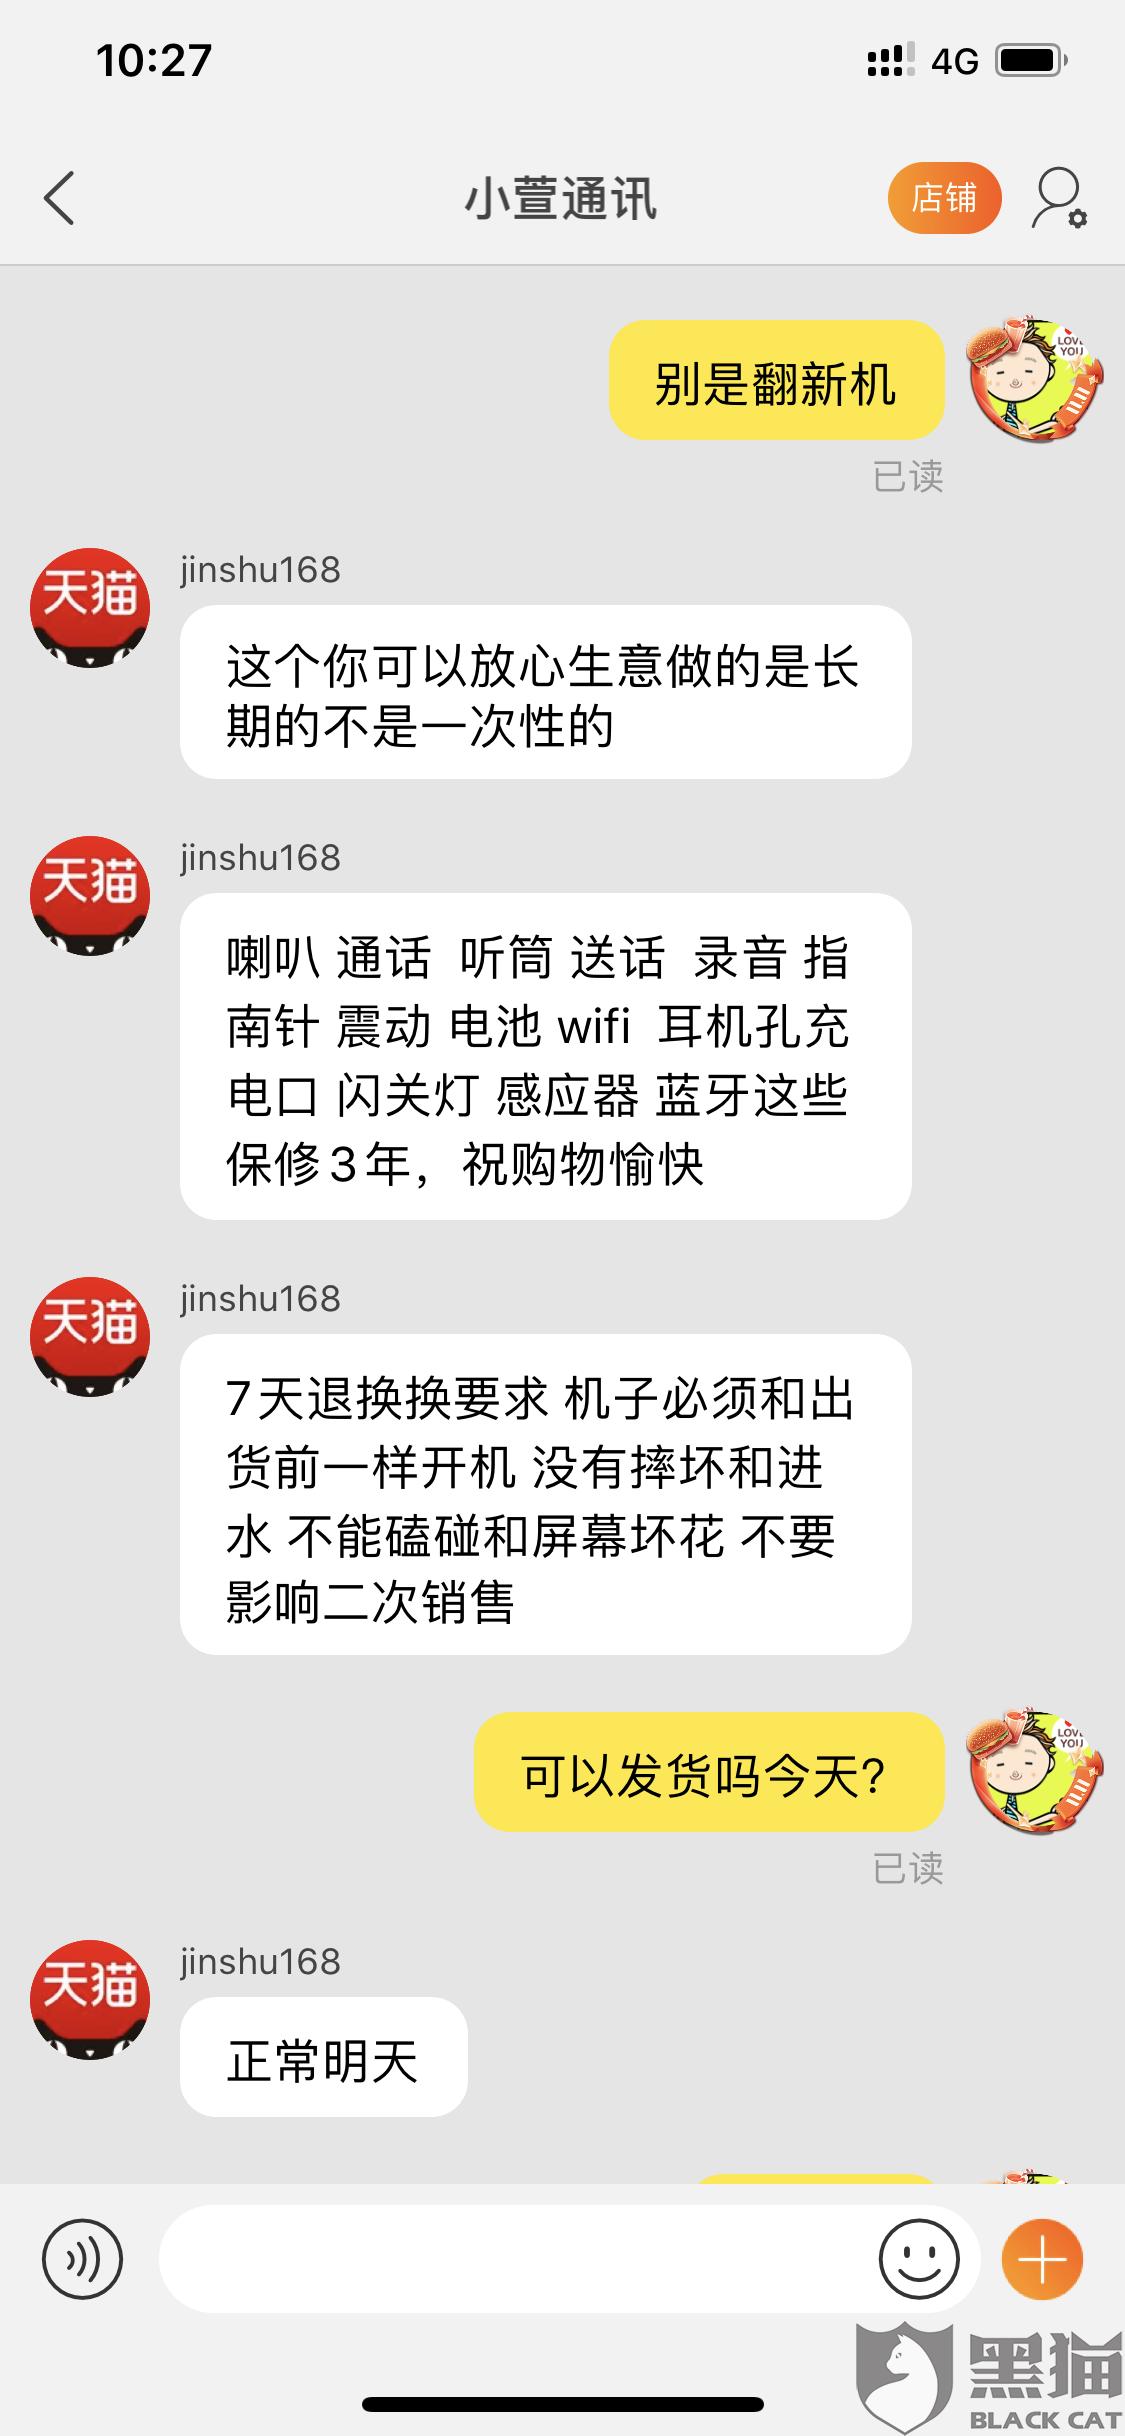 黑猫投诉:淘宝天猫店小萱通讯欺骗消费者出售假货